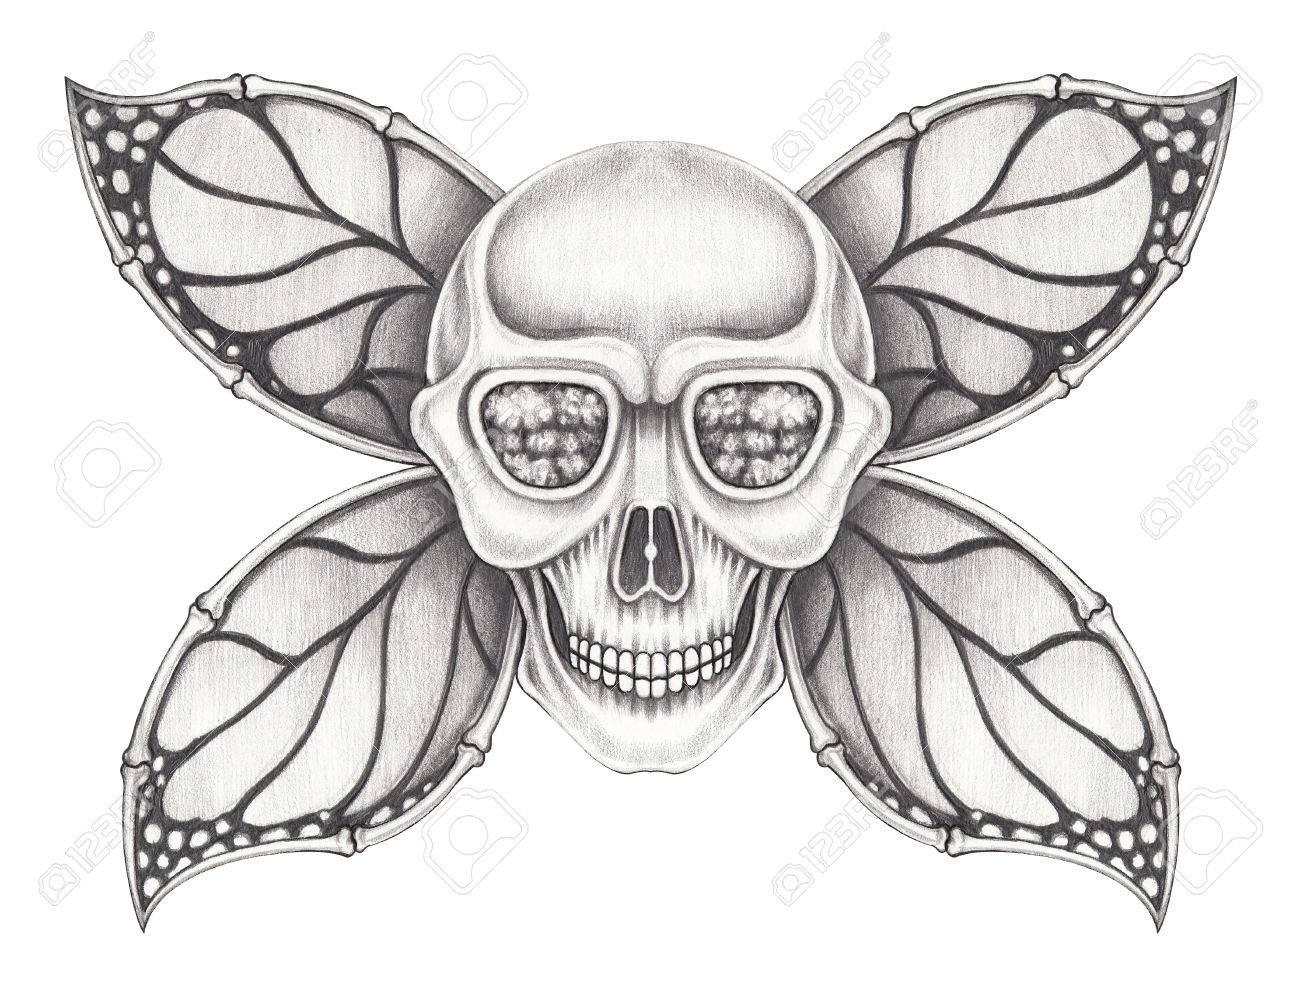 Aile De Papillon Dessin art ailes papillon crâne.hand crayon dessin sur papier. banque d